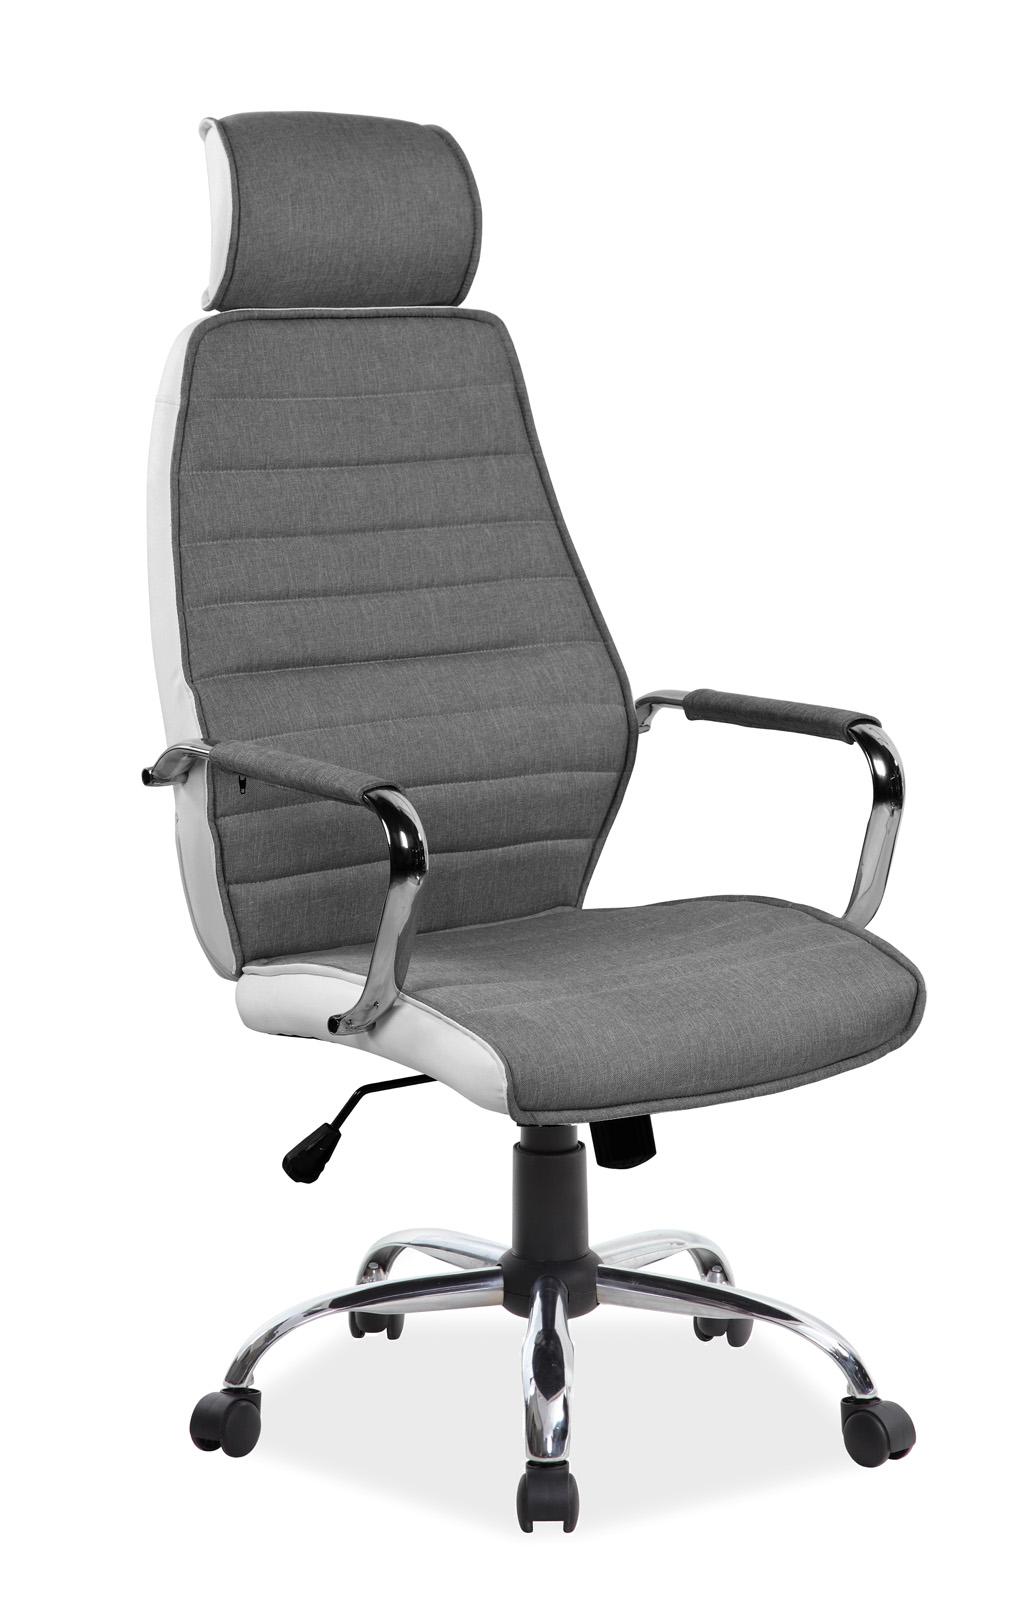 Scaun de birou ergonomic tapitat cu piele ecologica si stofa Q-035 Grey / White, l59xA52xH121-131 cm imagine